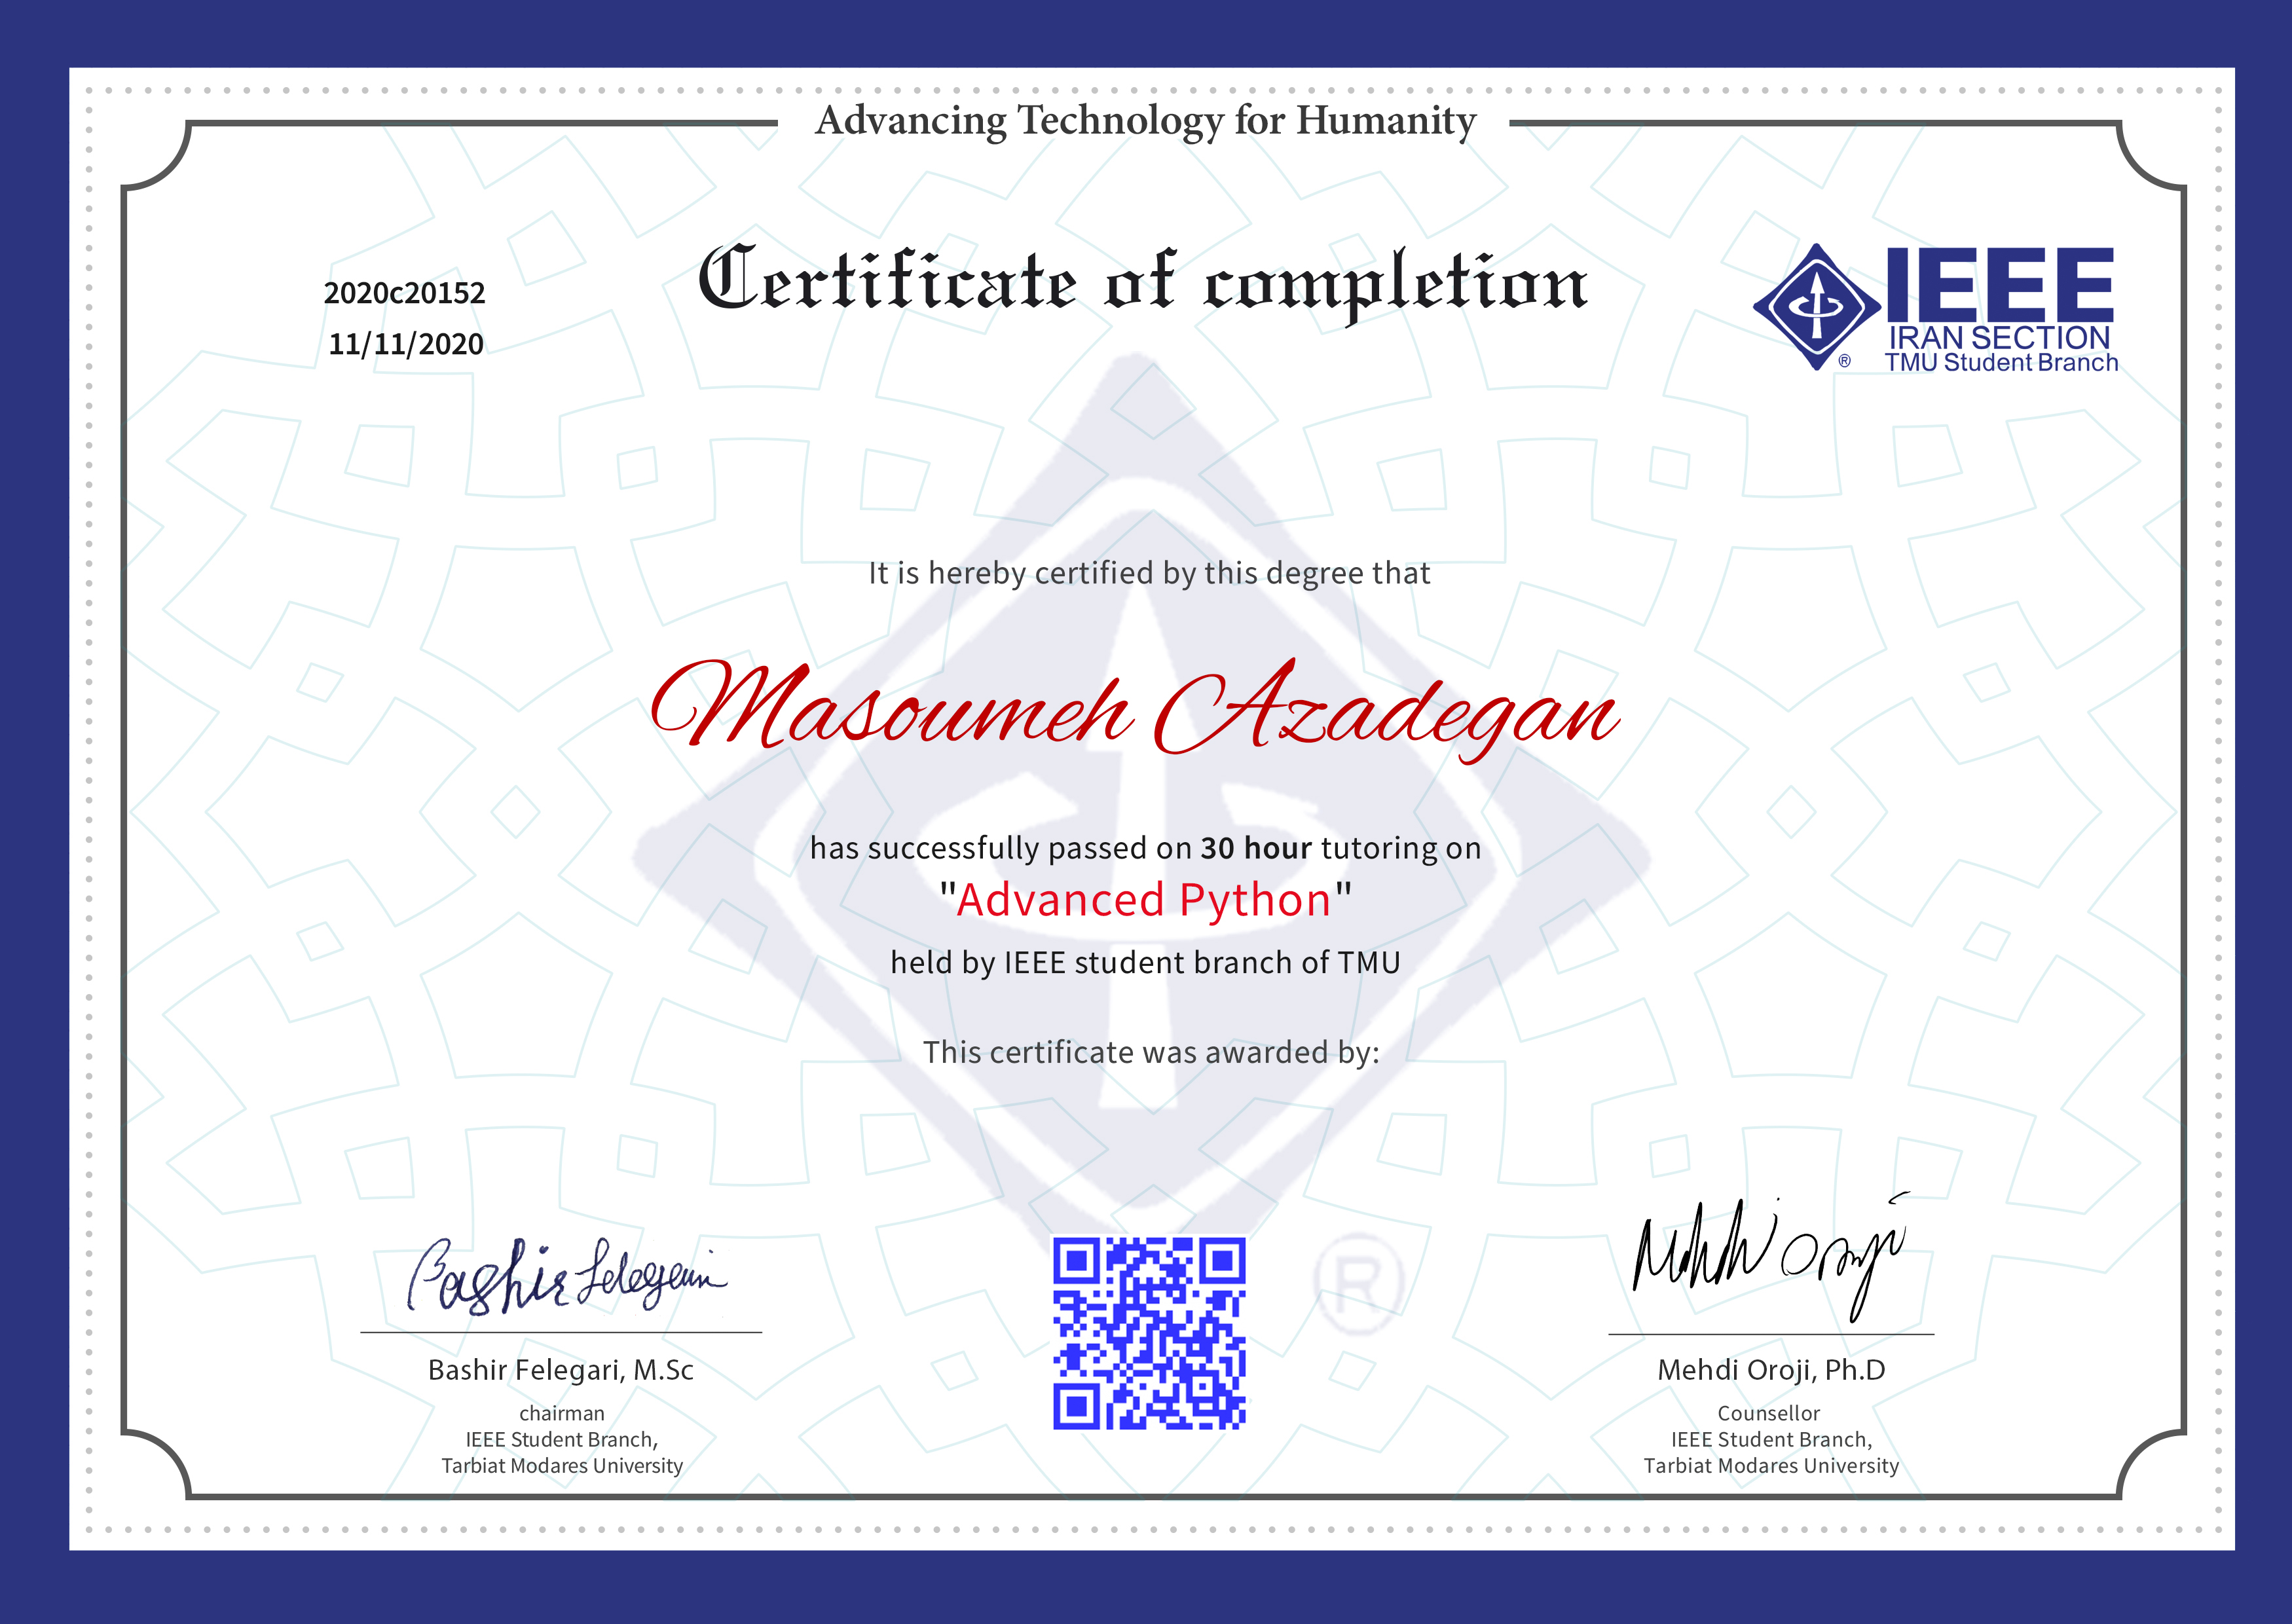 Masoumeh Azadegan